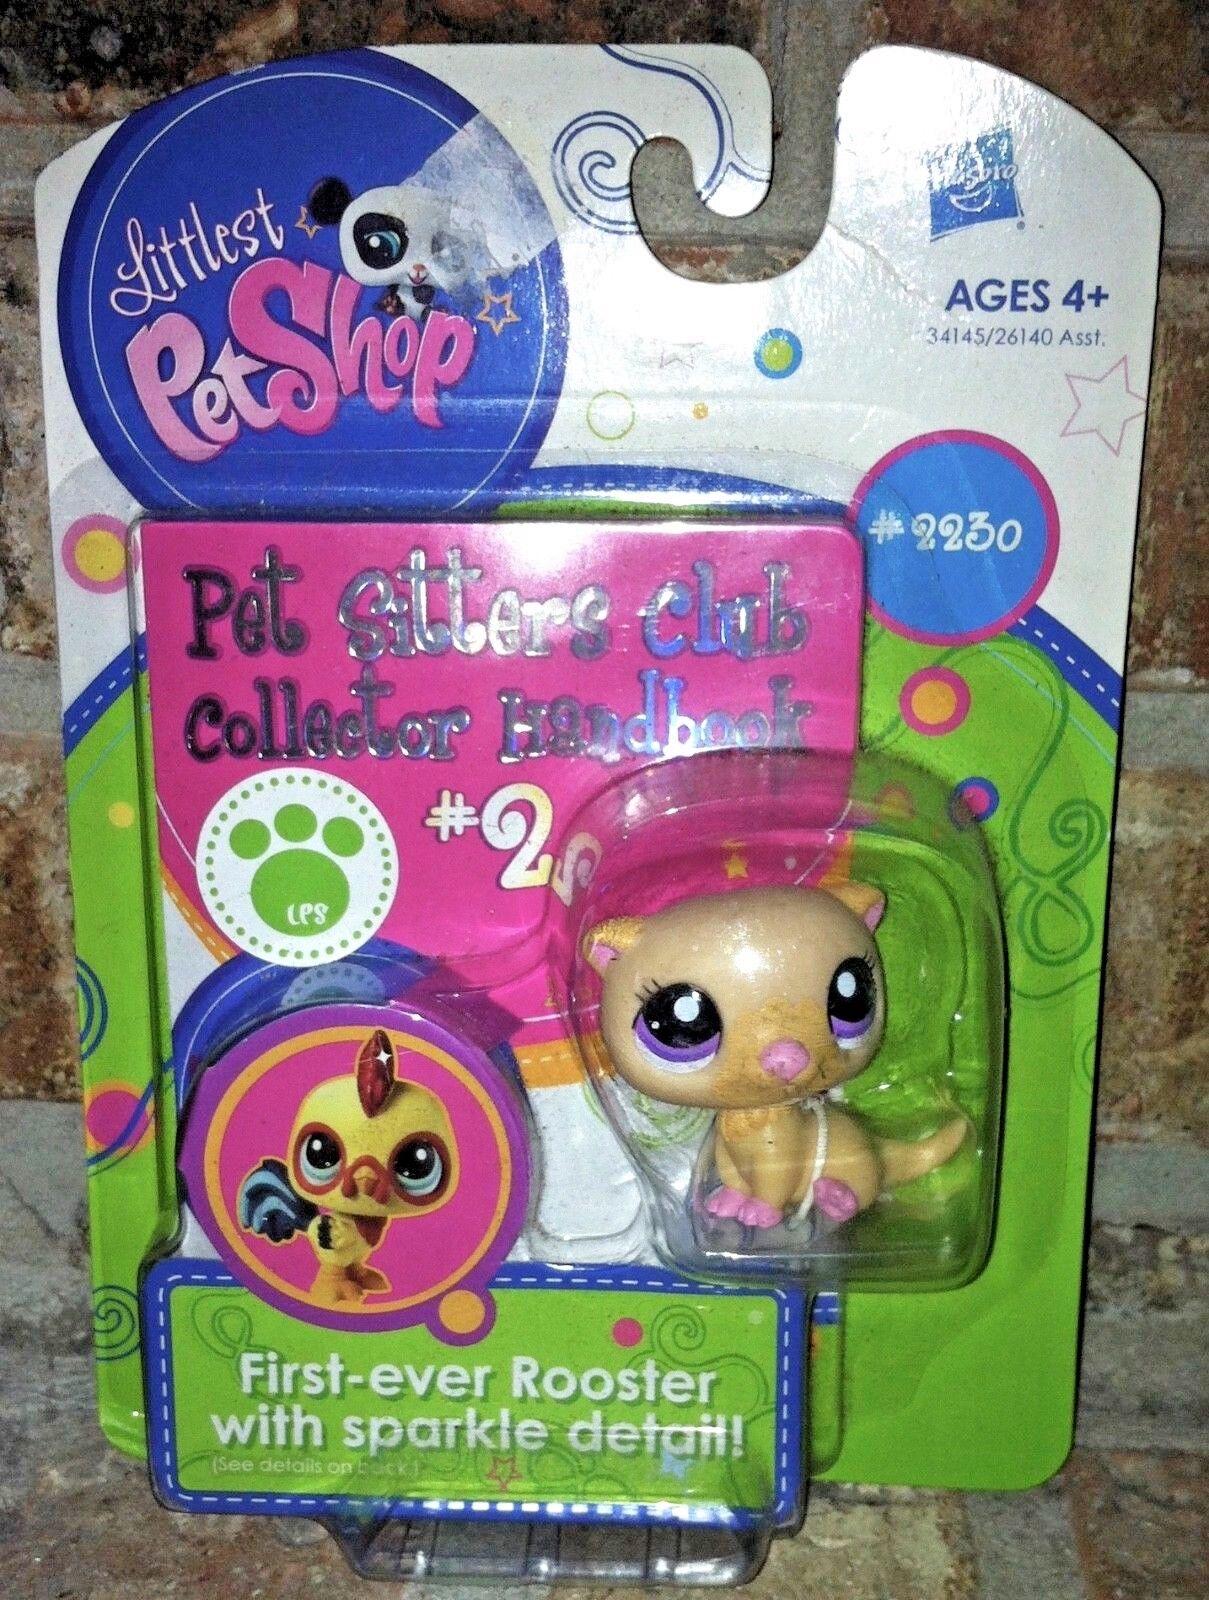 Littlest Pet Shop tan SEA SEA SEA OTTER pet sitters club collectors handbook 2230 RARE f552bd